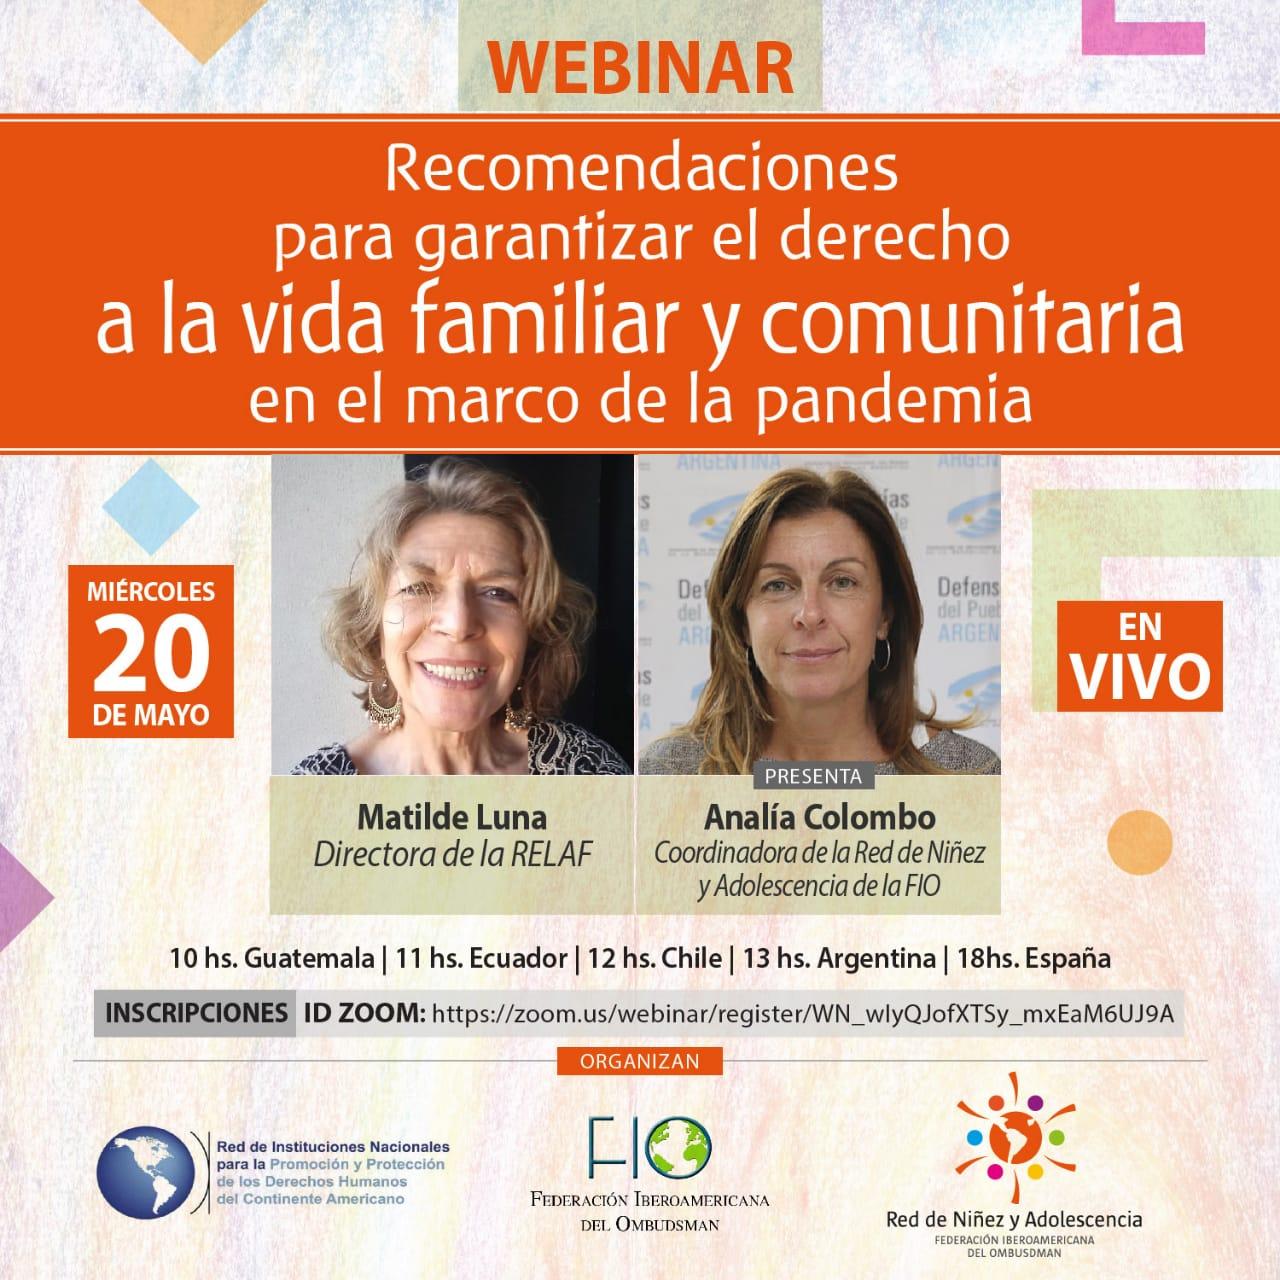 Seminario en Vivo: «Recomendaciones para garantizar el derecho a la vidafamiliar y comunitaria en el marco de la pandemia».